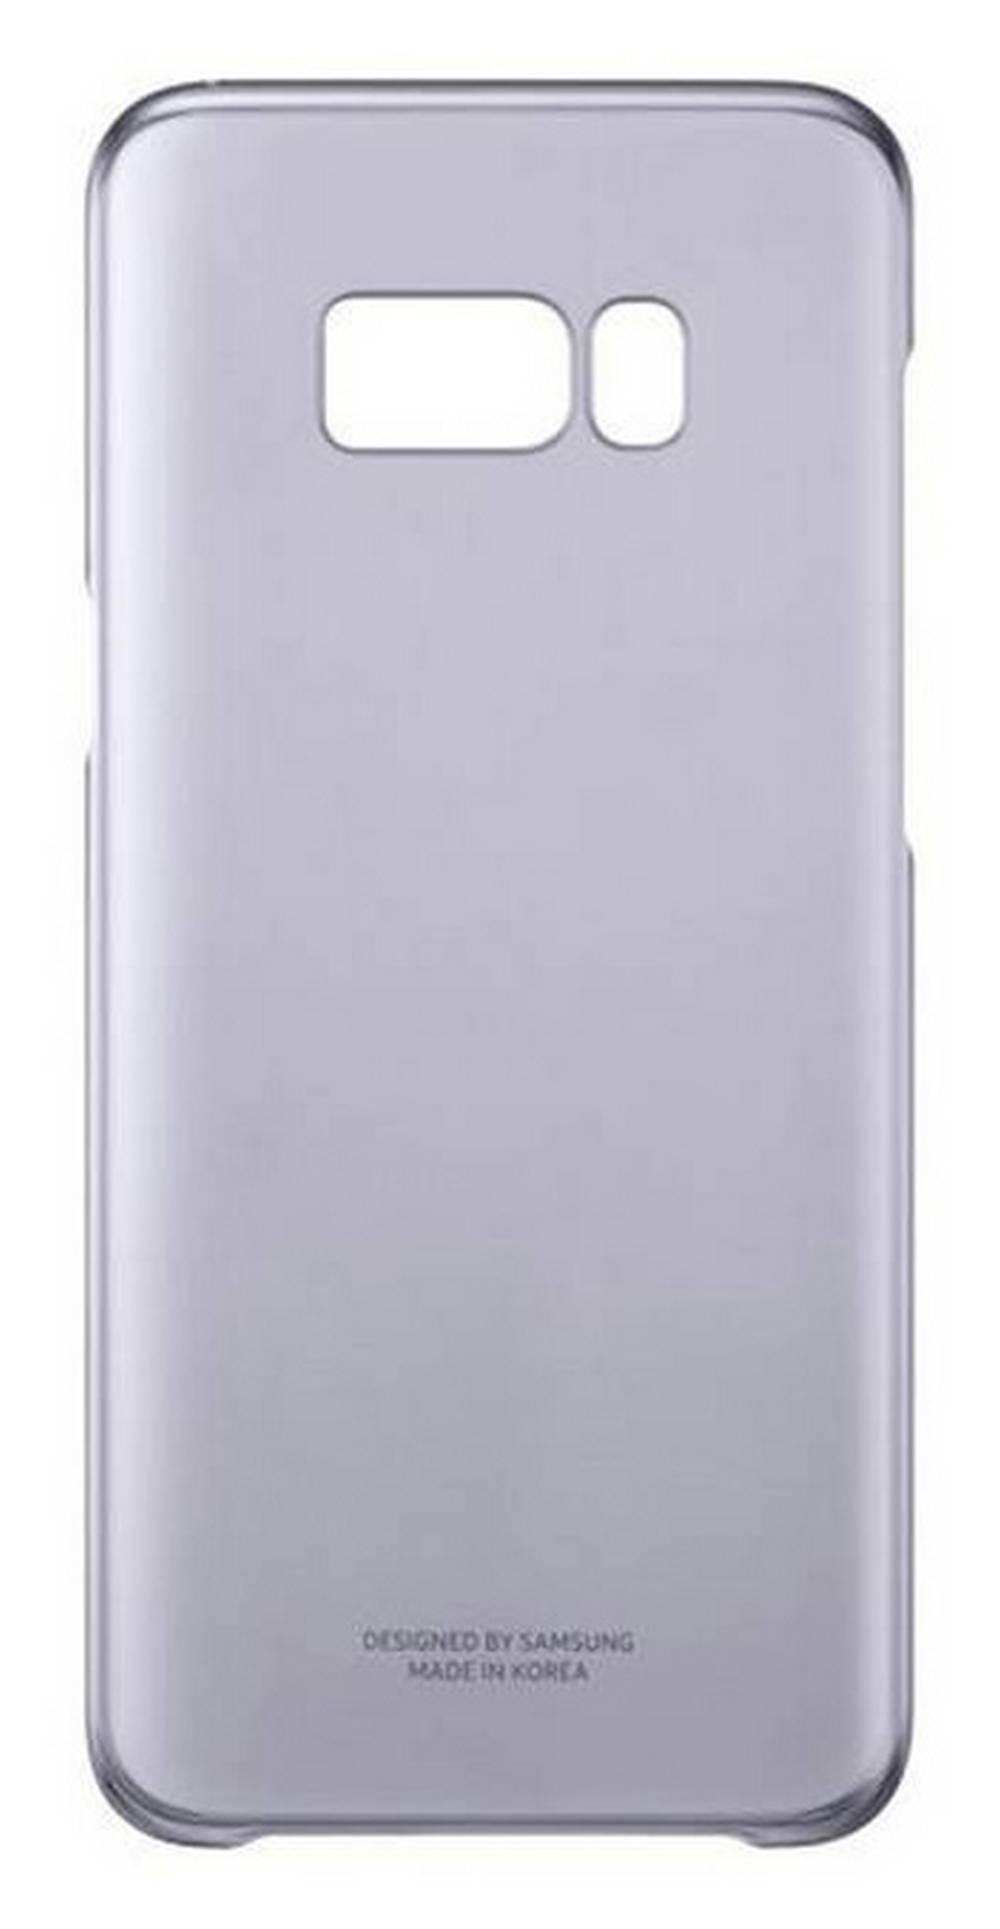 Θήκη Faceplate Samsung Clear Cover EF-QG955CVEGWW για SM ...